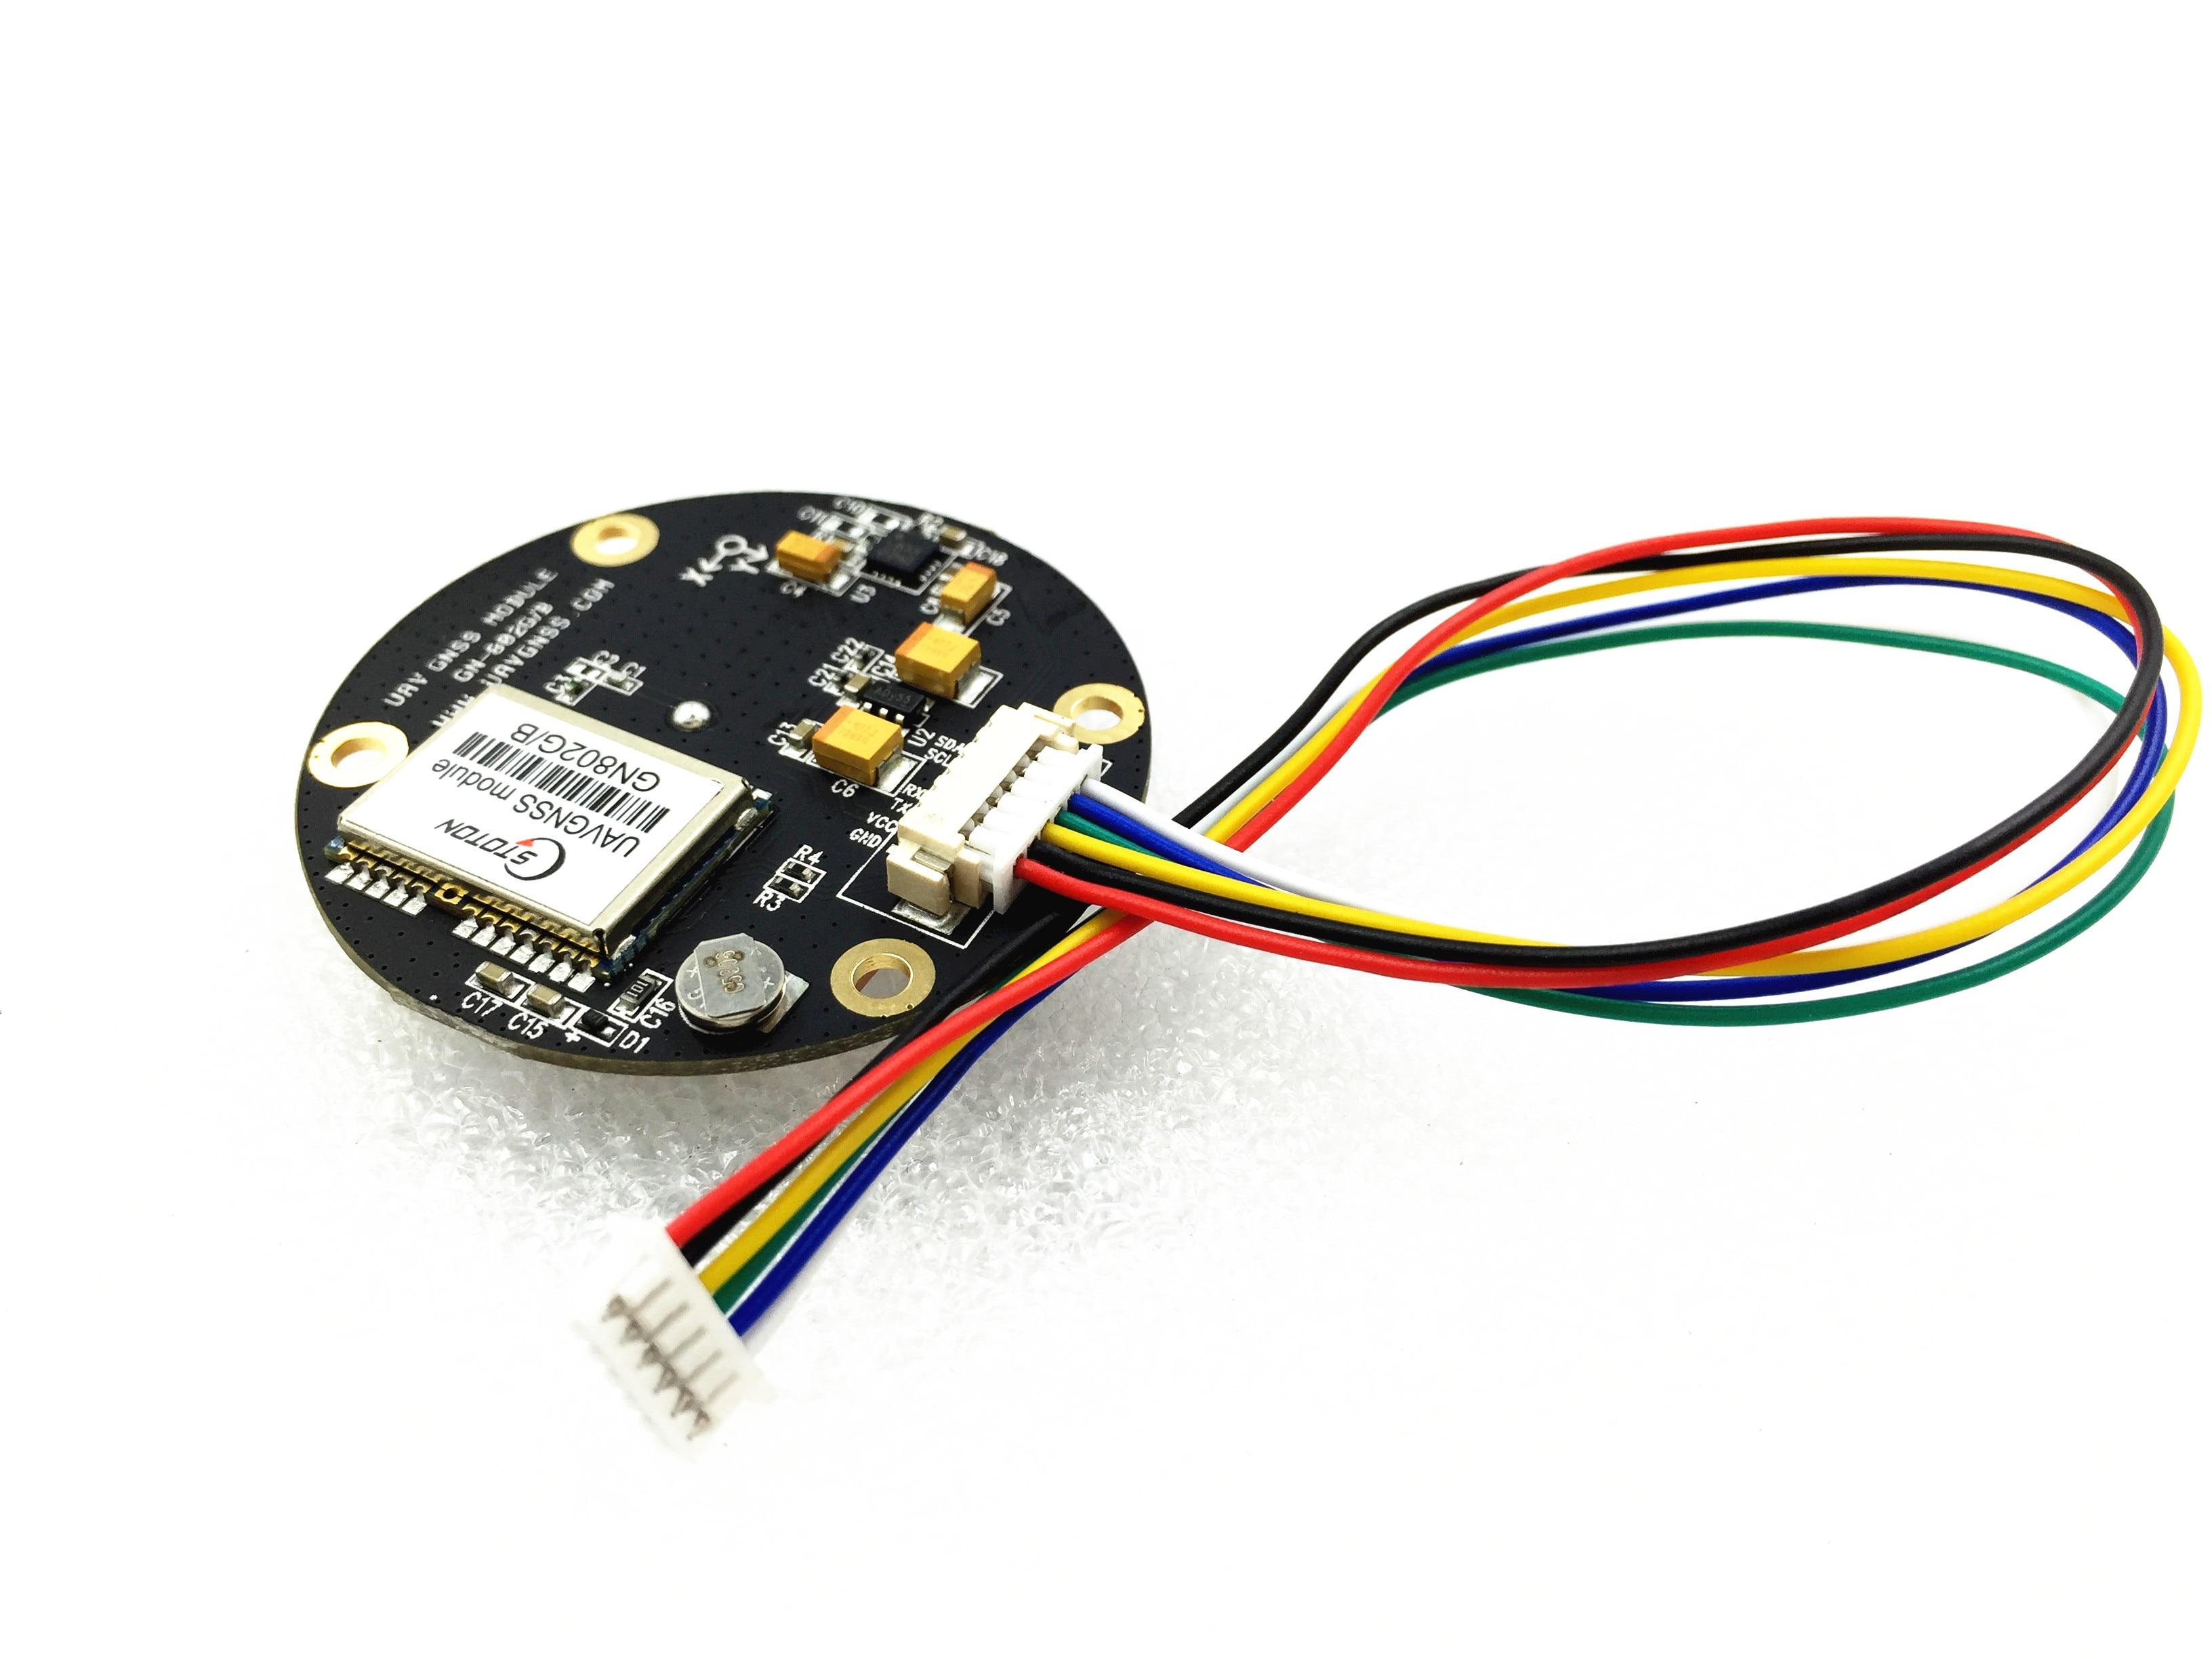 Ttl уровень gps ГЛОНАСС компас геомагнитный HMC5883 чип Бла (беспилотный летательный аппарат gps ГЛОНАСС модуль M8030-KT GNSS чип дизайн Бесплатная доста...